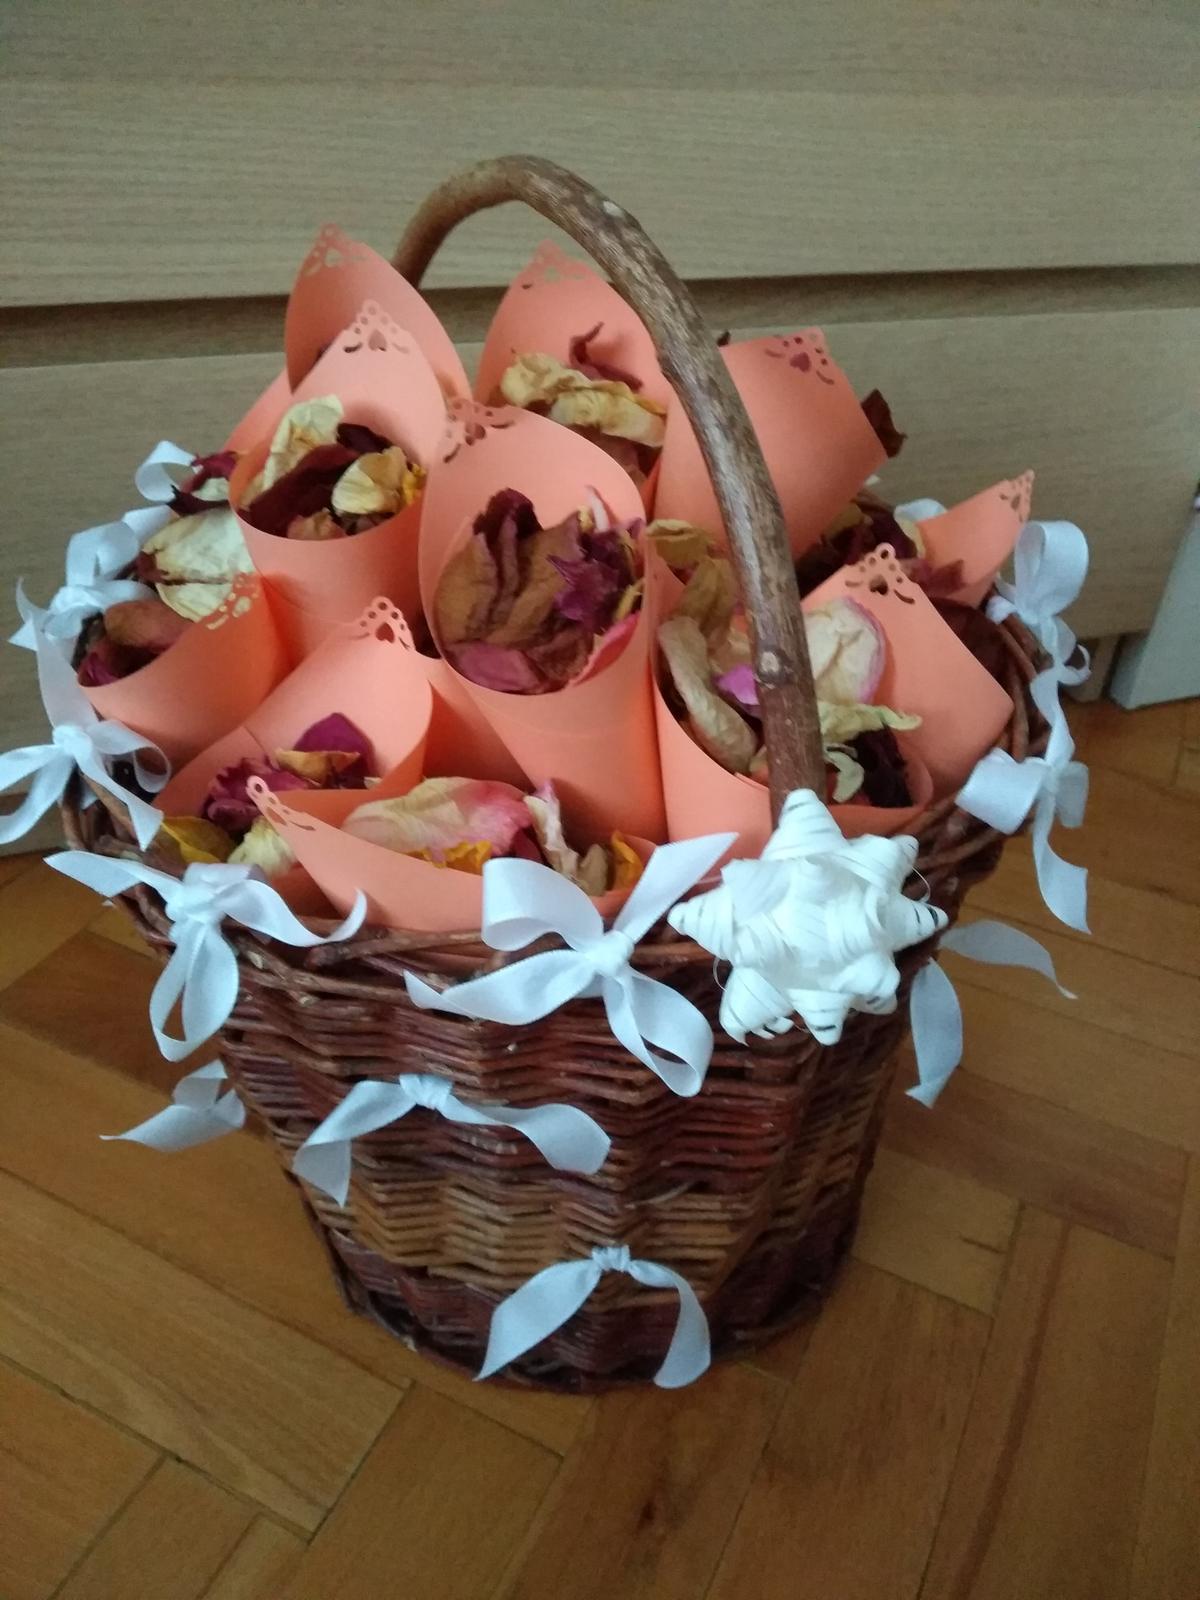 Co už máme - Košík s okvětními lístkami růži